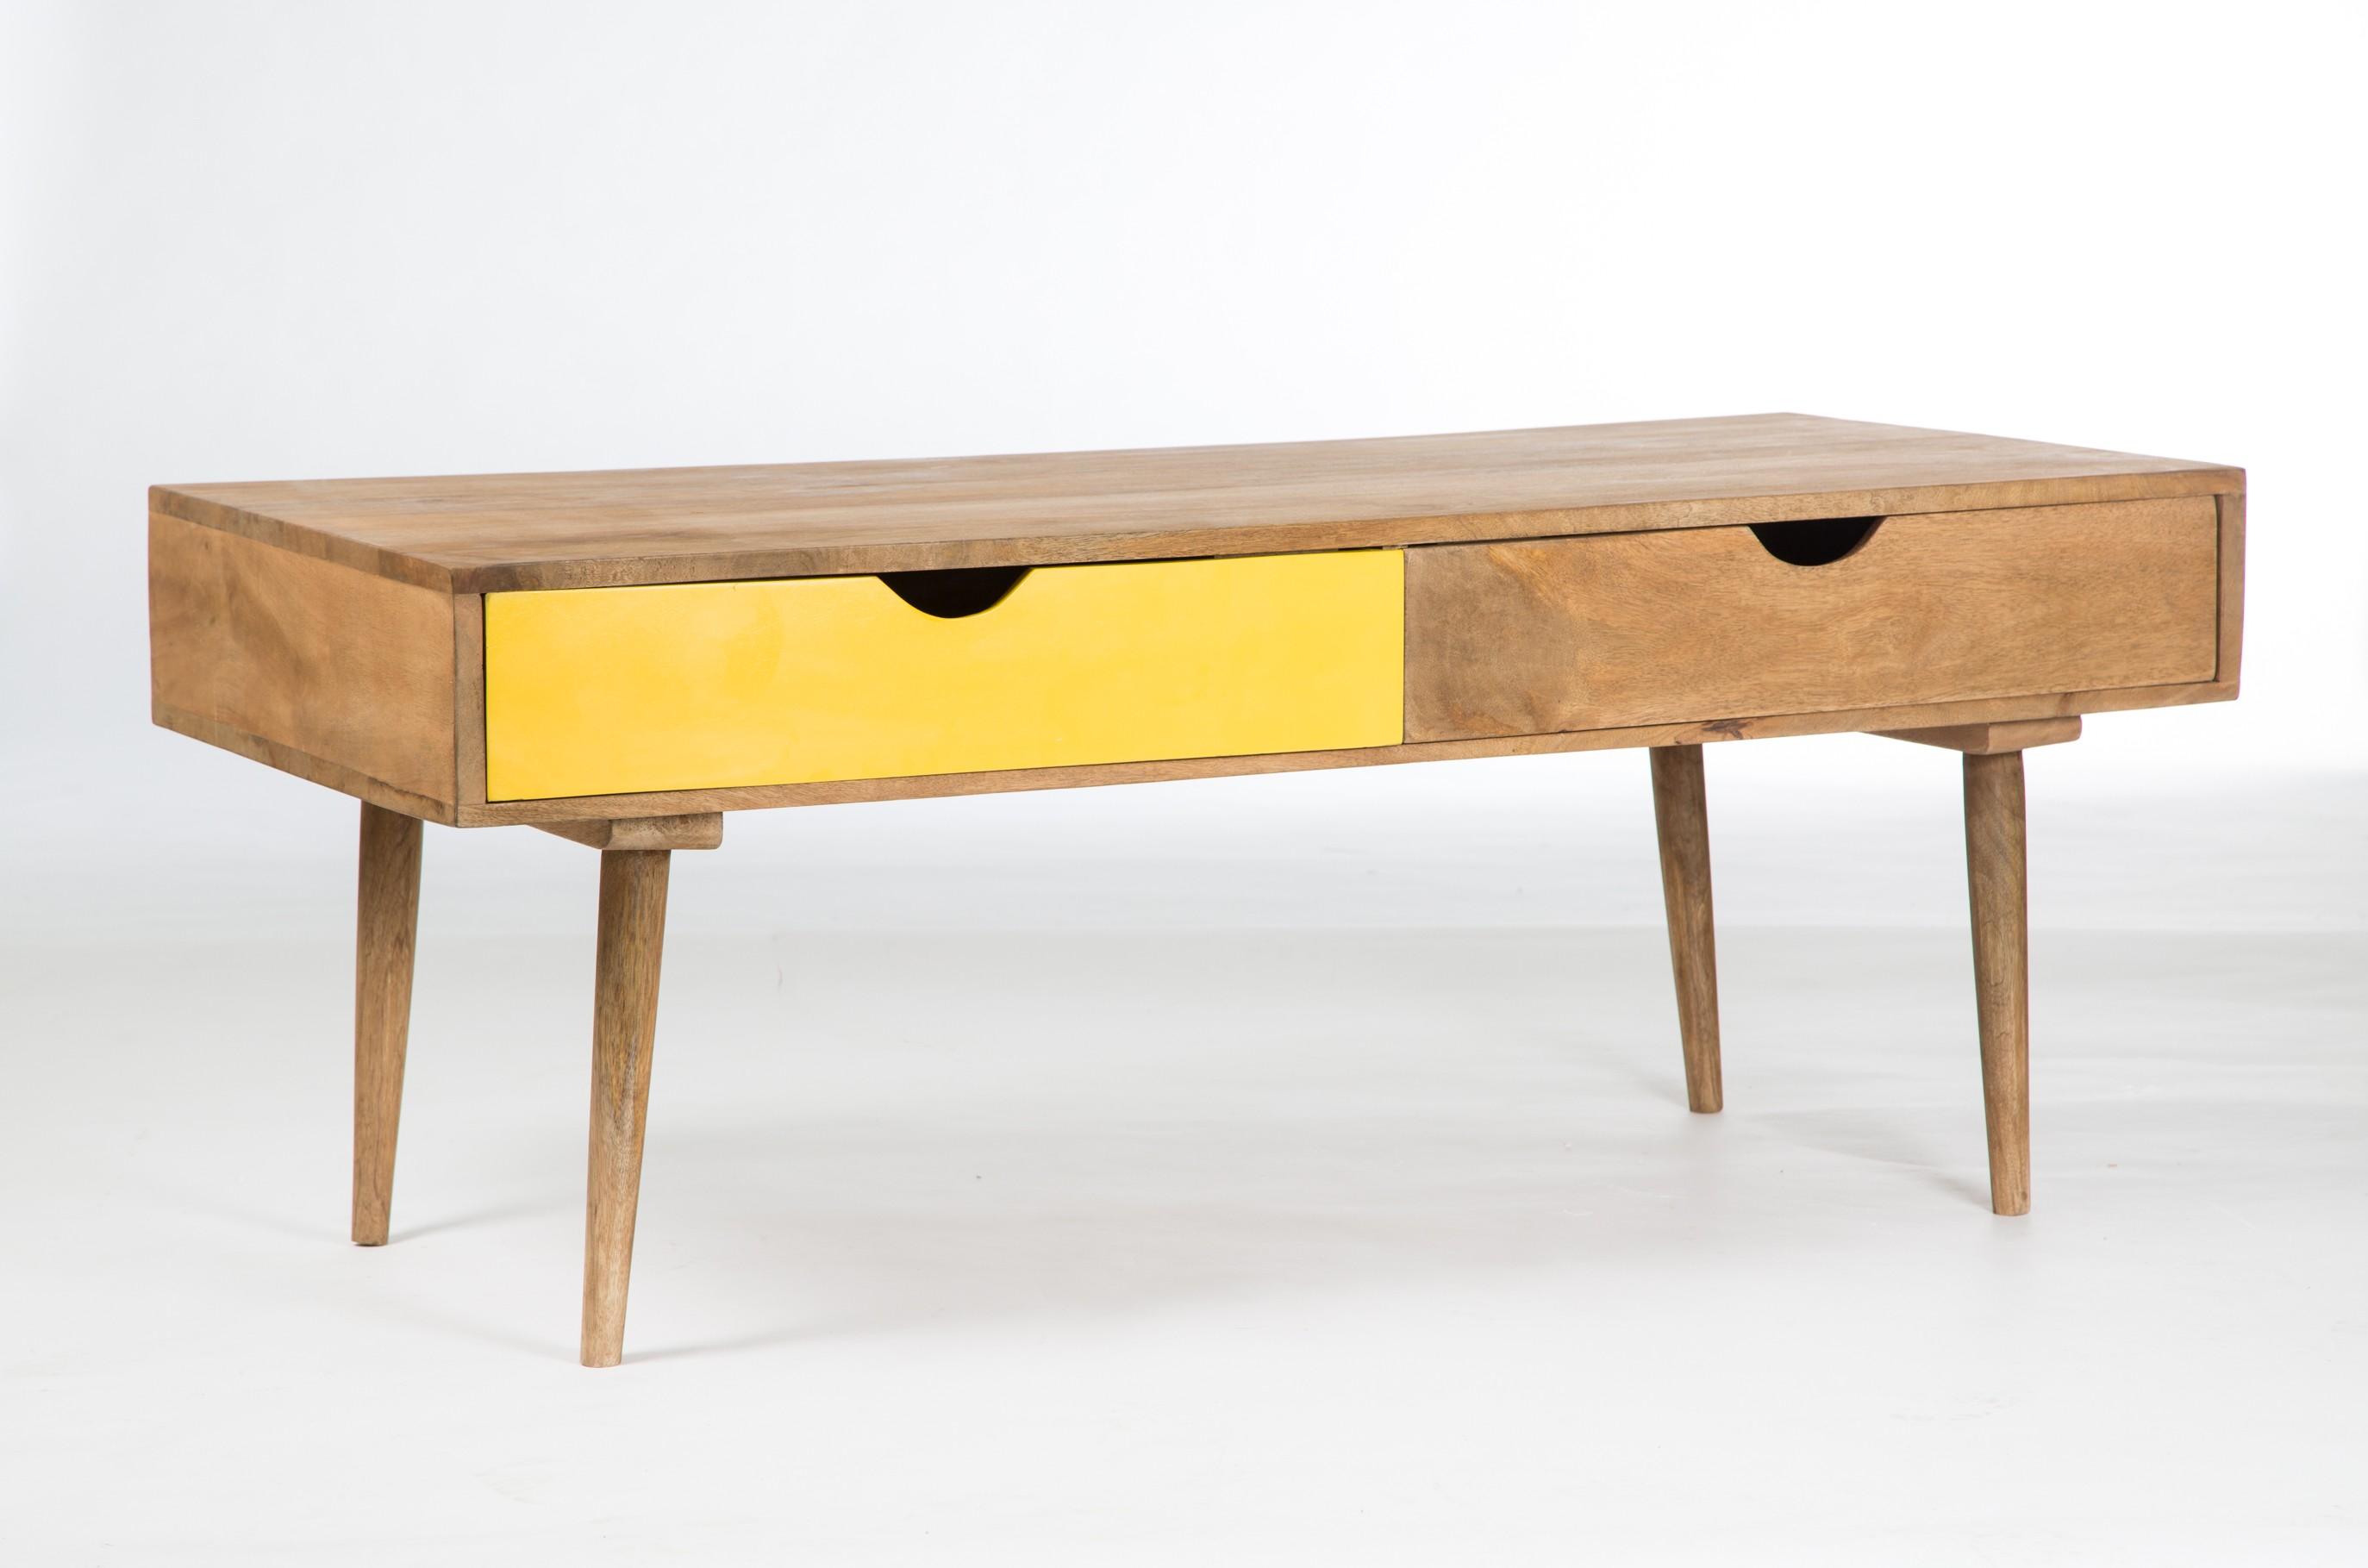 Table basse scandinave couleur bois